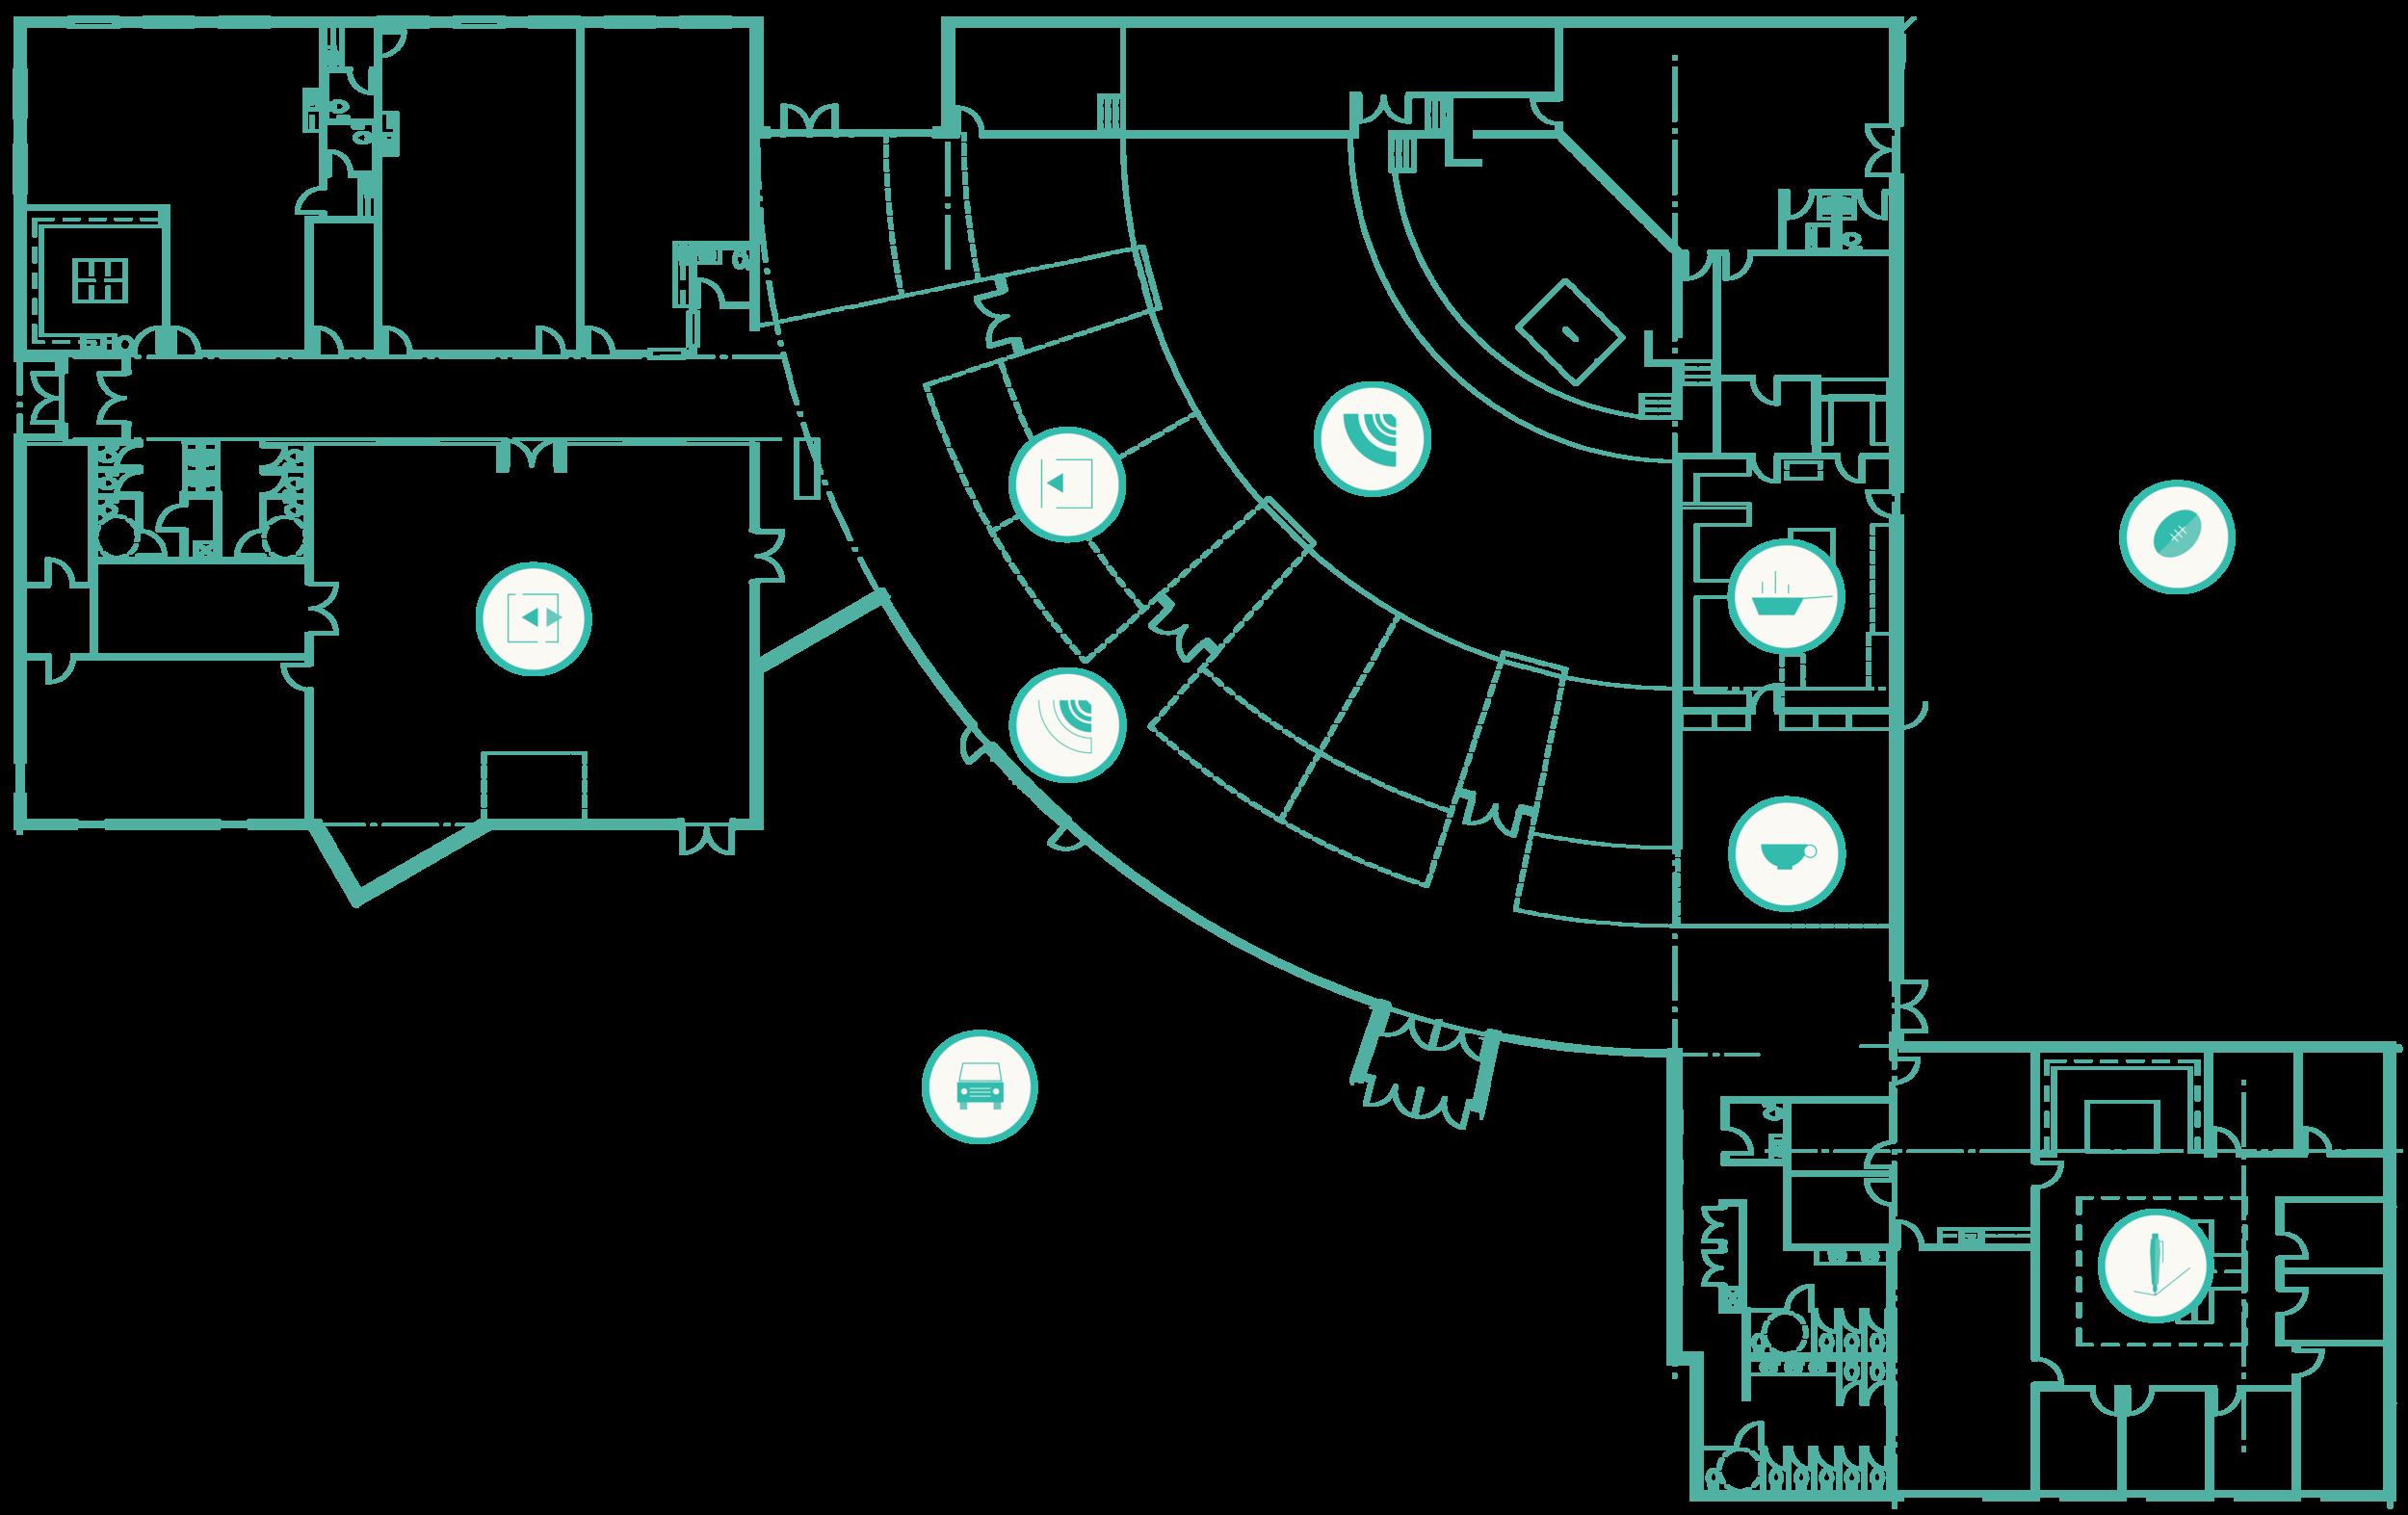 SPAC_Web_2019_Floorplan-24.png